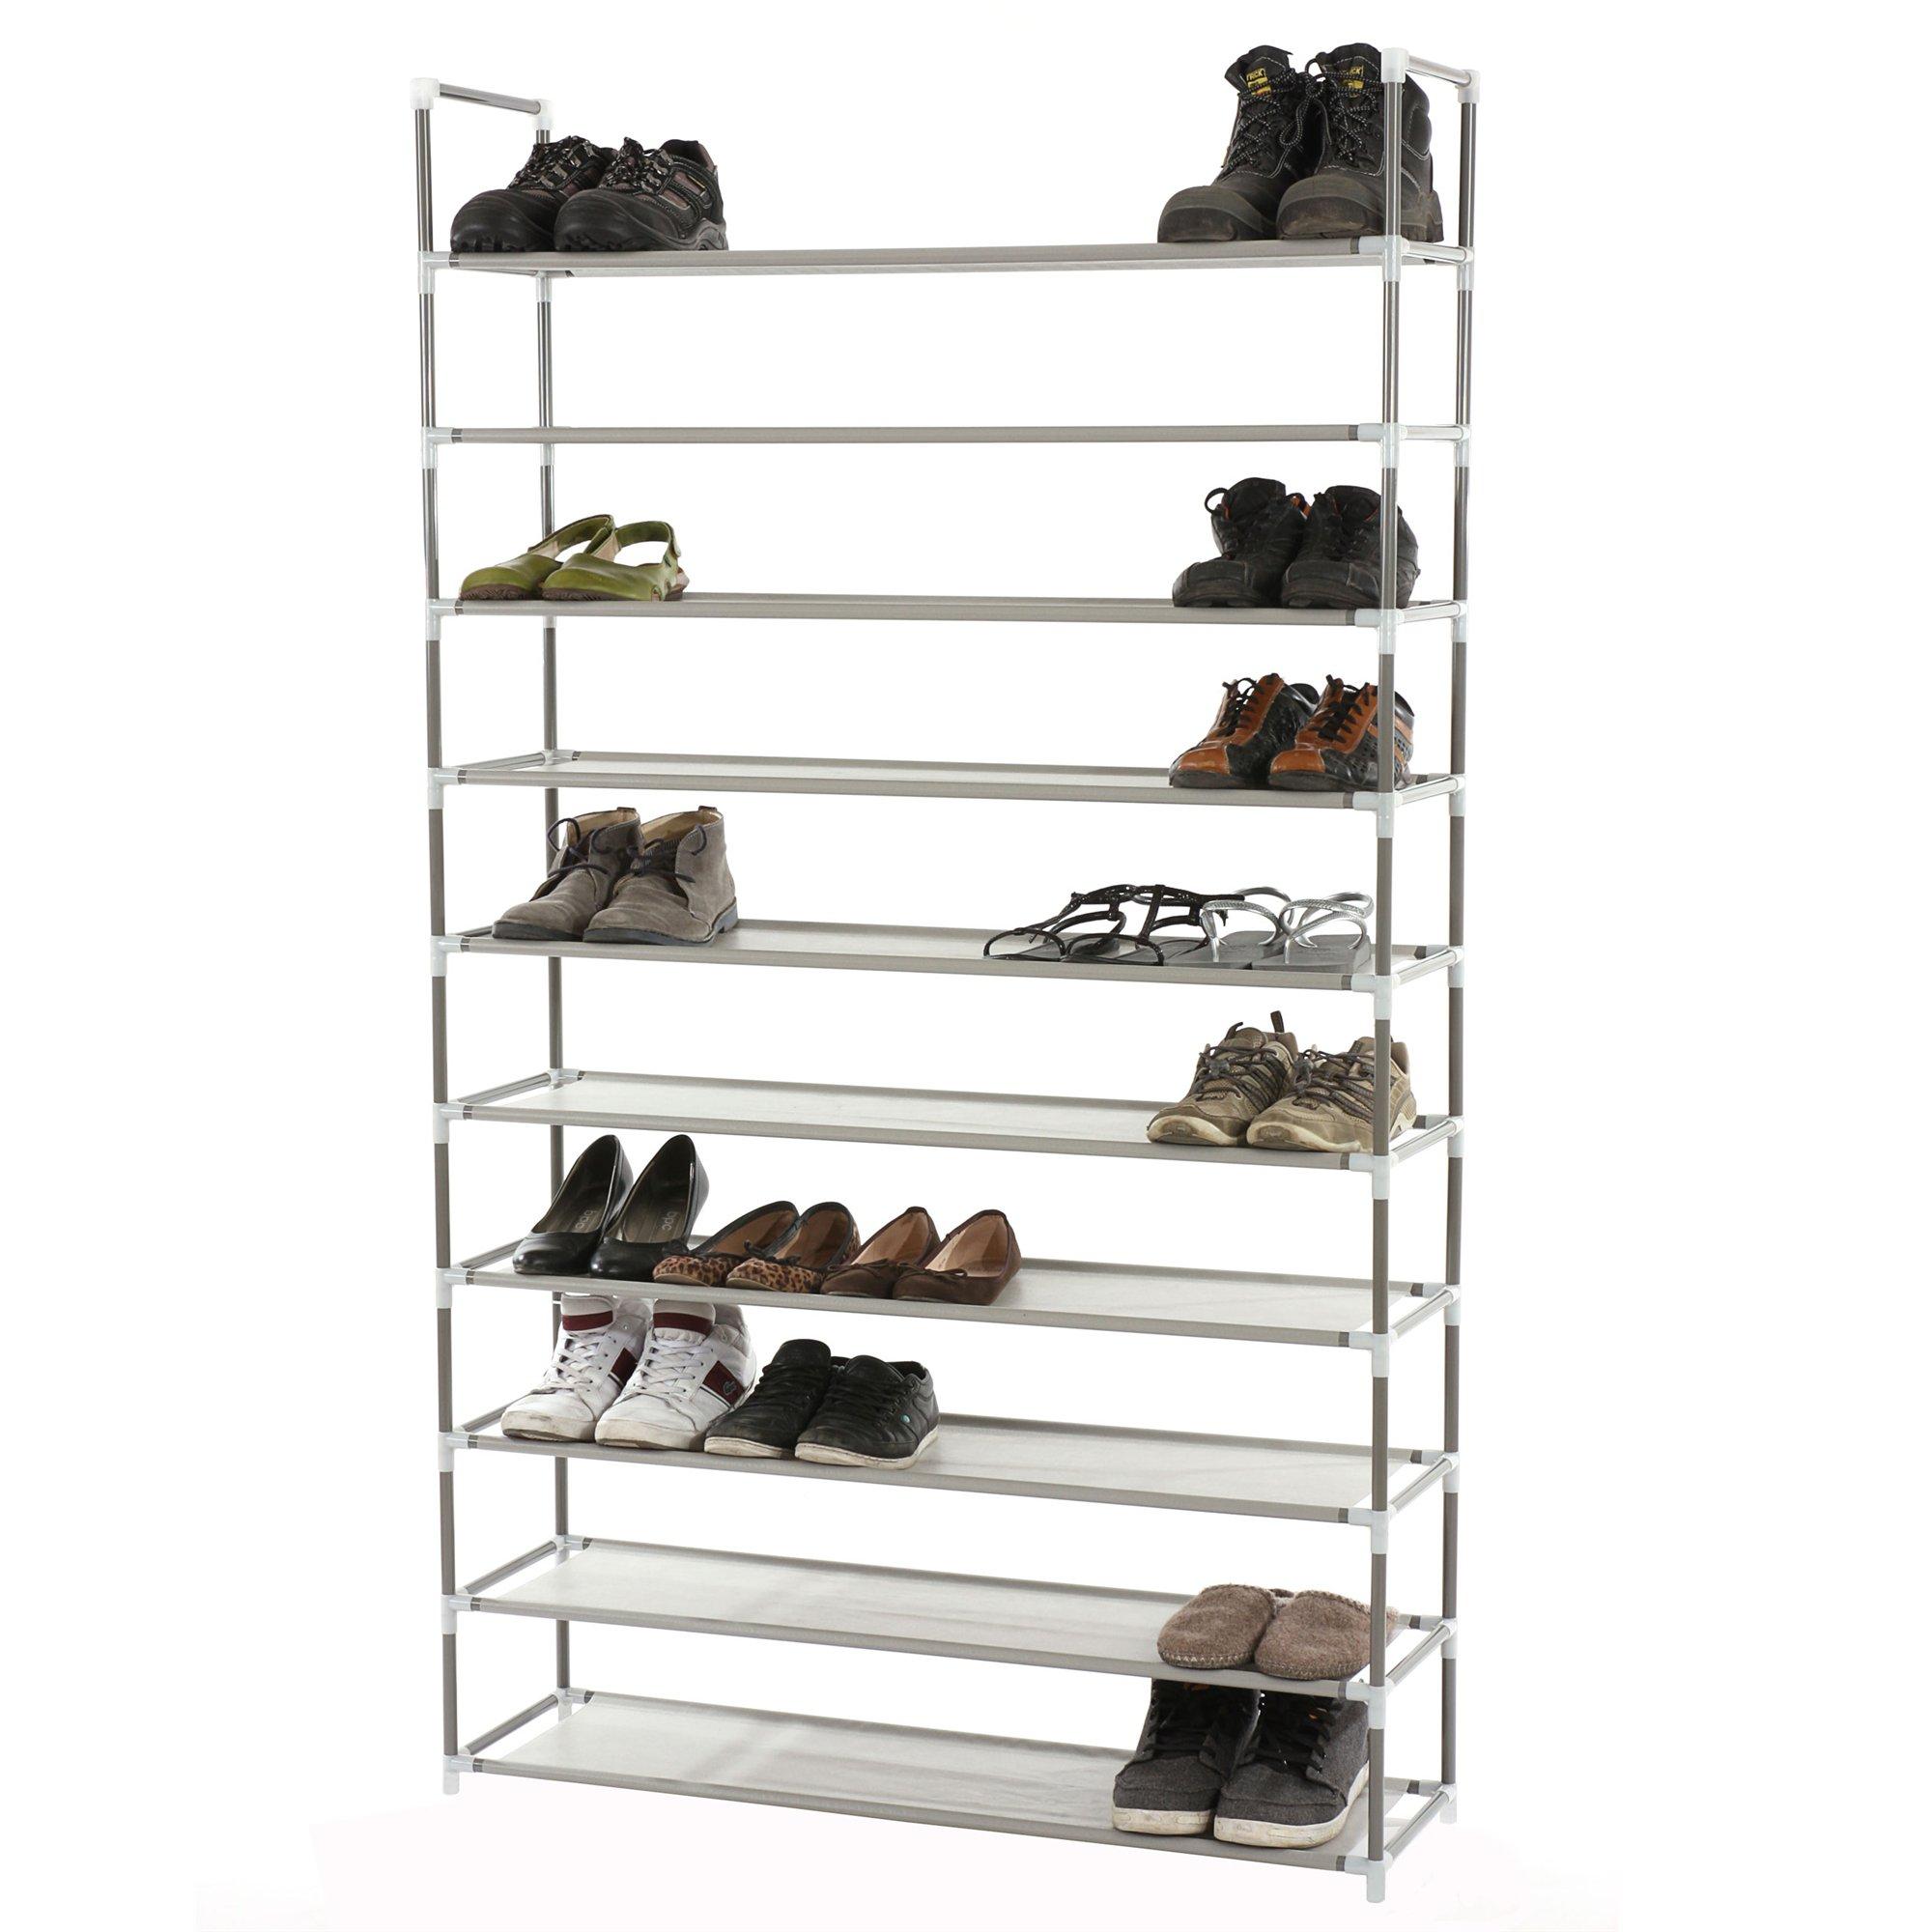 Zapatero para 50 pares de zapatos y 10 niveles for Zapatero para 30 pares de zapatos